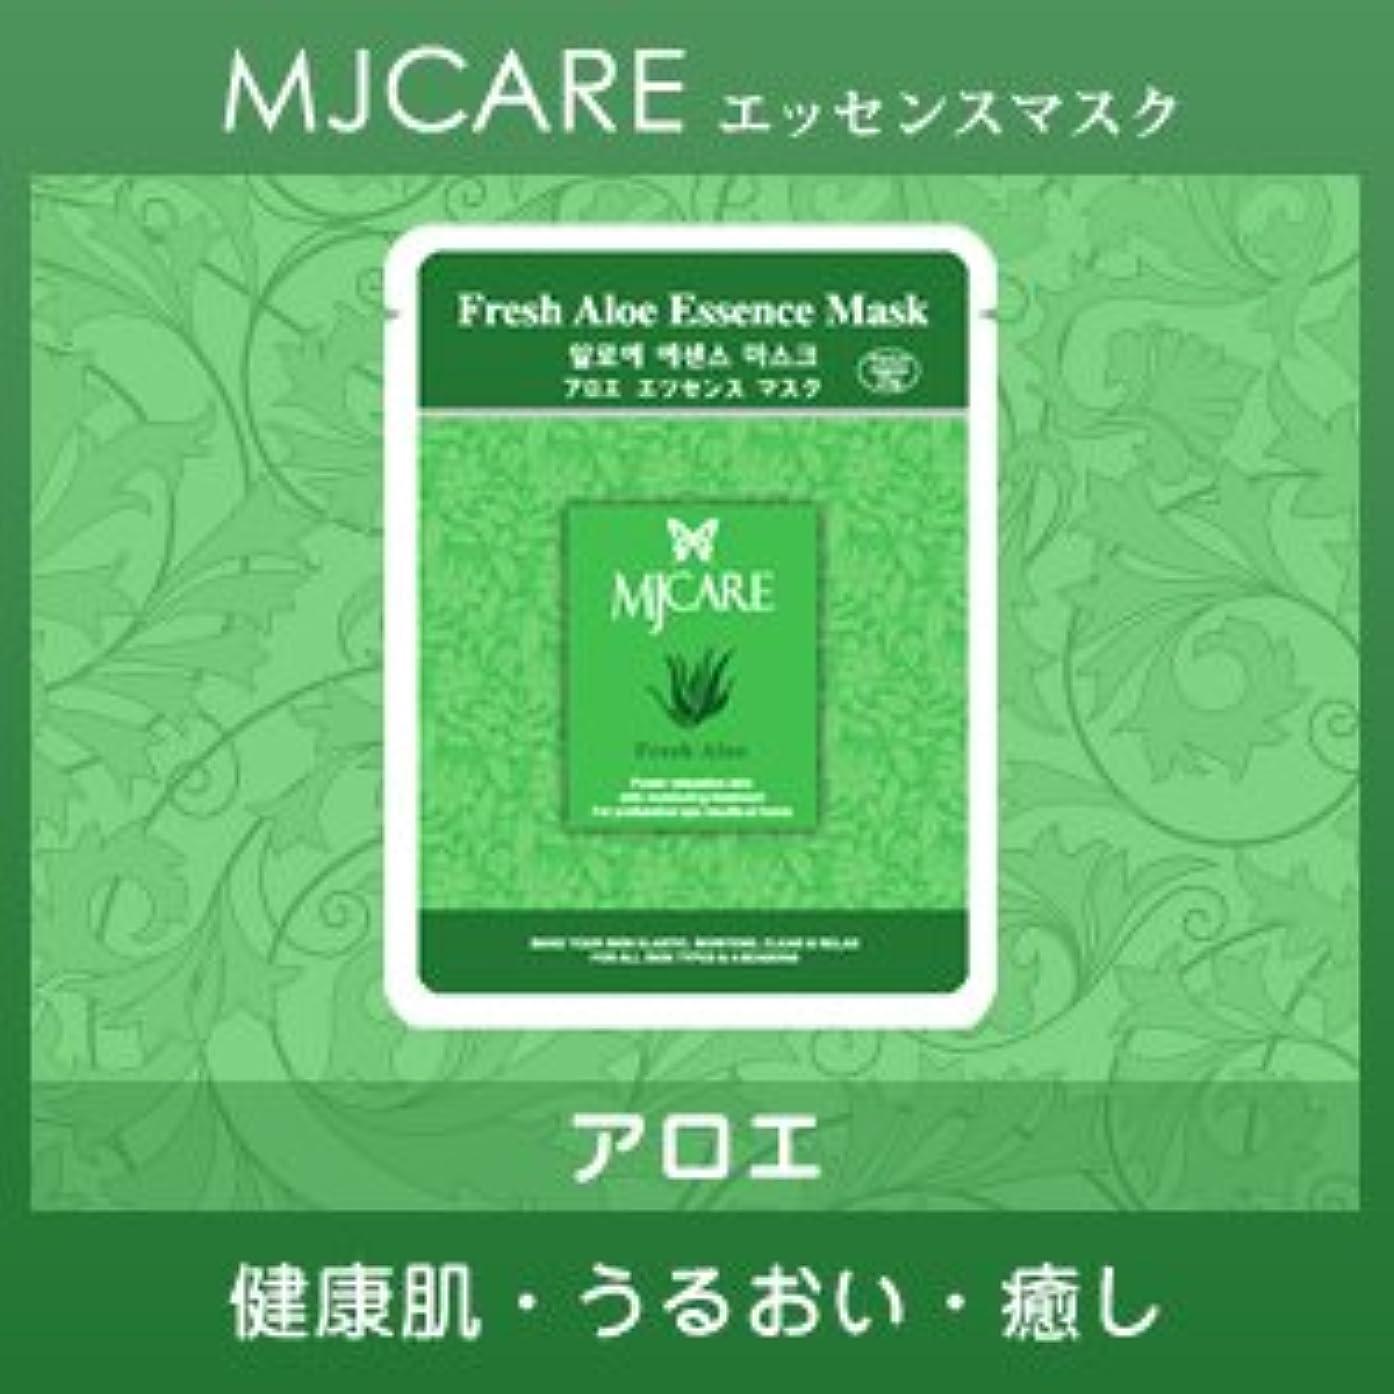 パンフレット隔離する不屈MJCARE (エムジェイケア) エッセンスマスク ?アロエ